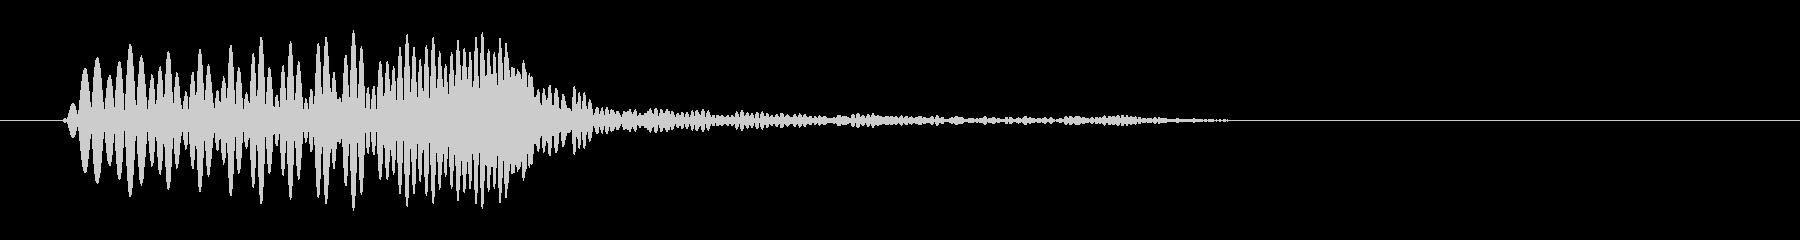 ポワ ポワッ ポッ(クリアな決定音)の未再生の波形